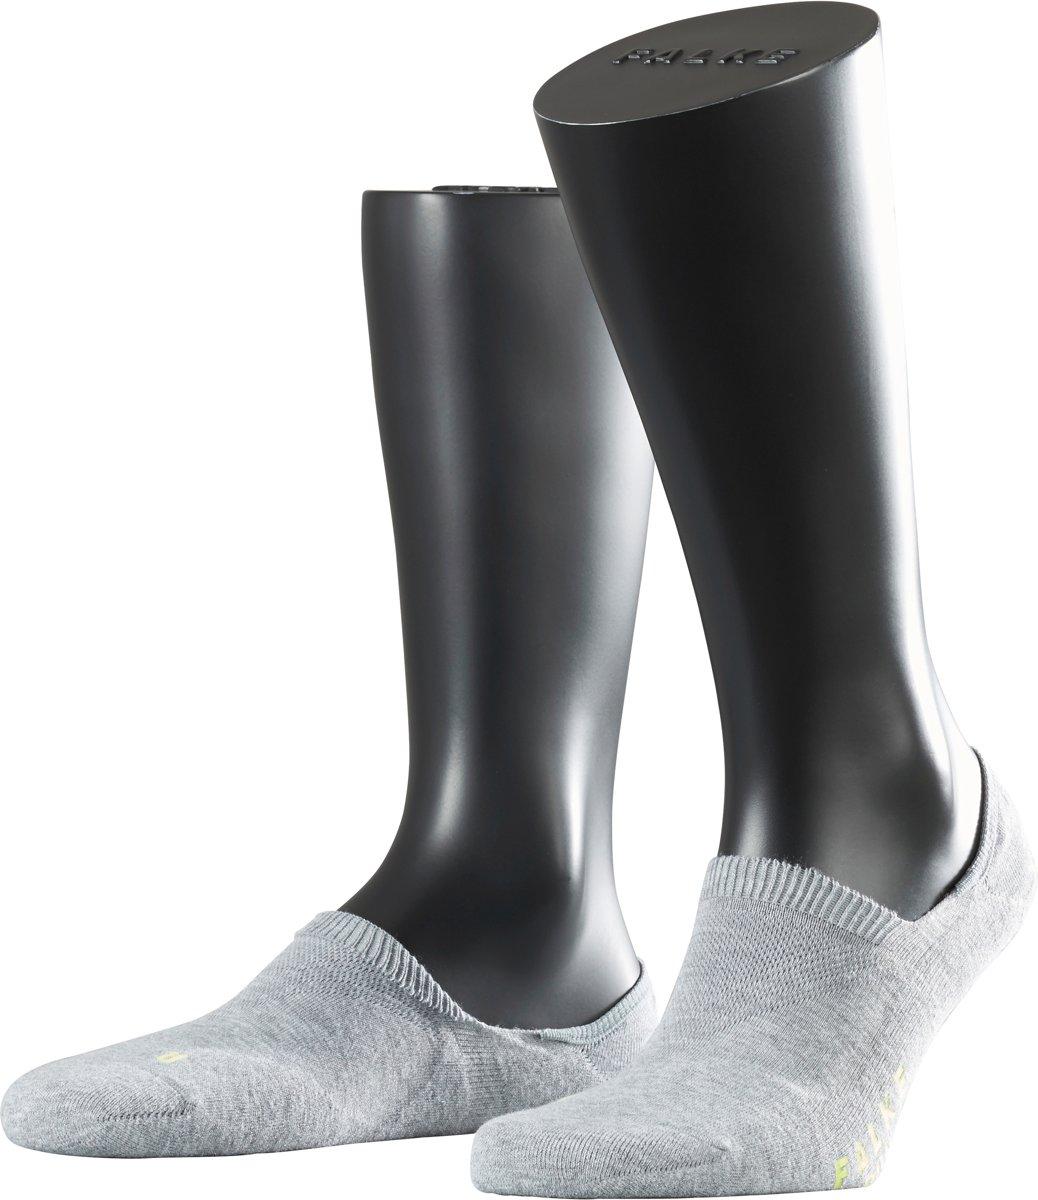 FALKE Cool Kick Invisible Sneakersokken - Licht grijs - Maat 37-38 kopen